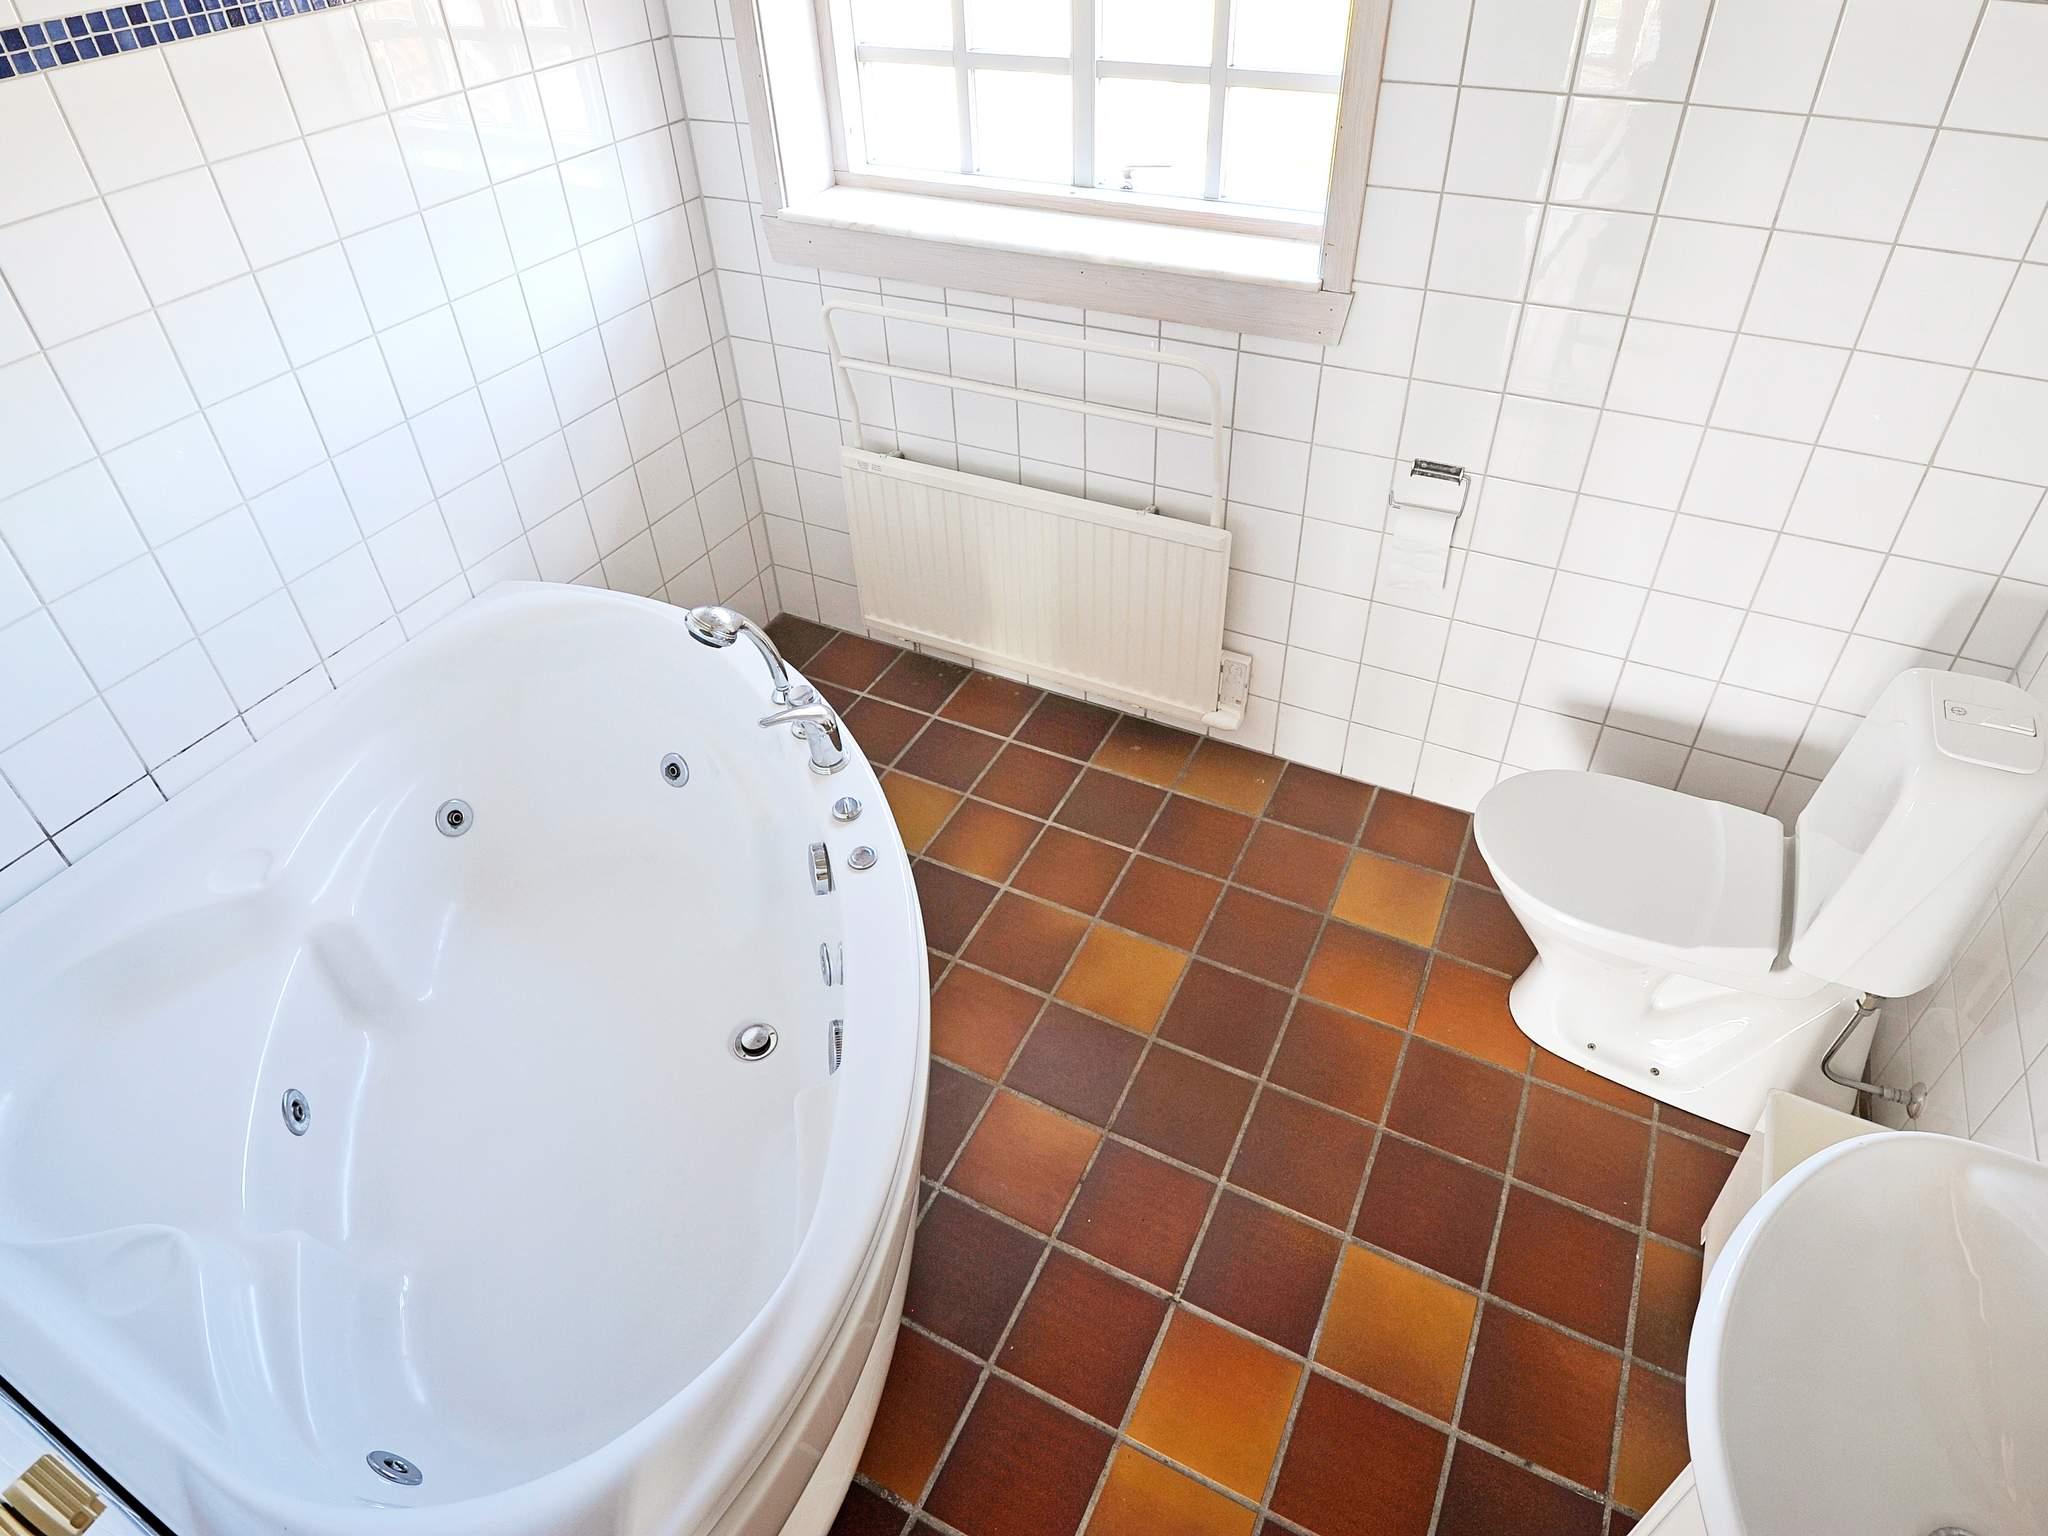 Ferienhaus Tjörn/Skärhamn (454665), Skärhamn, Tjörn, Westschweden, Schweden, Bild 19